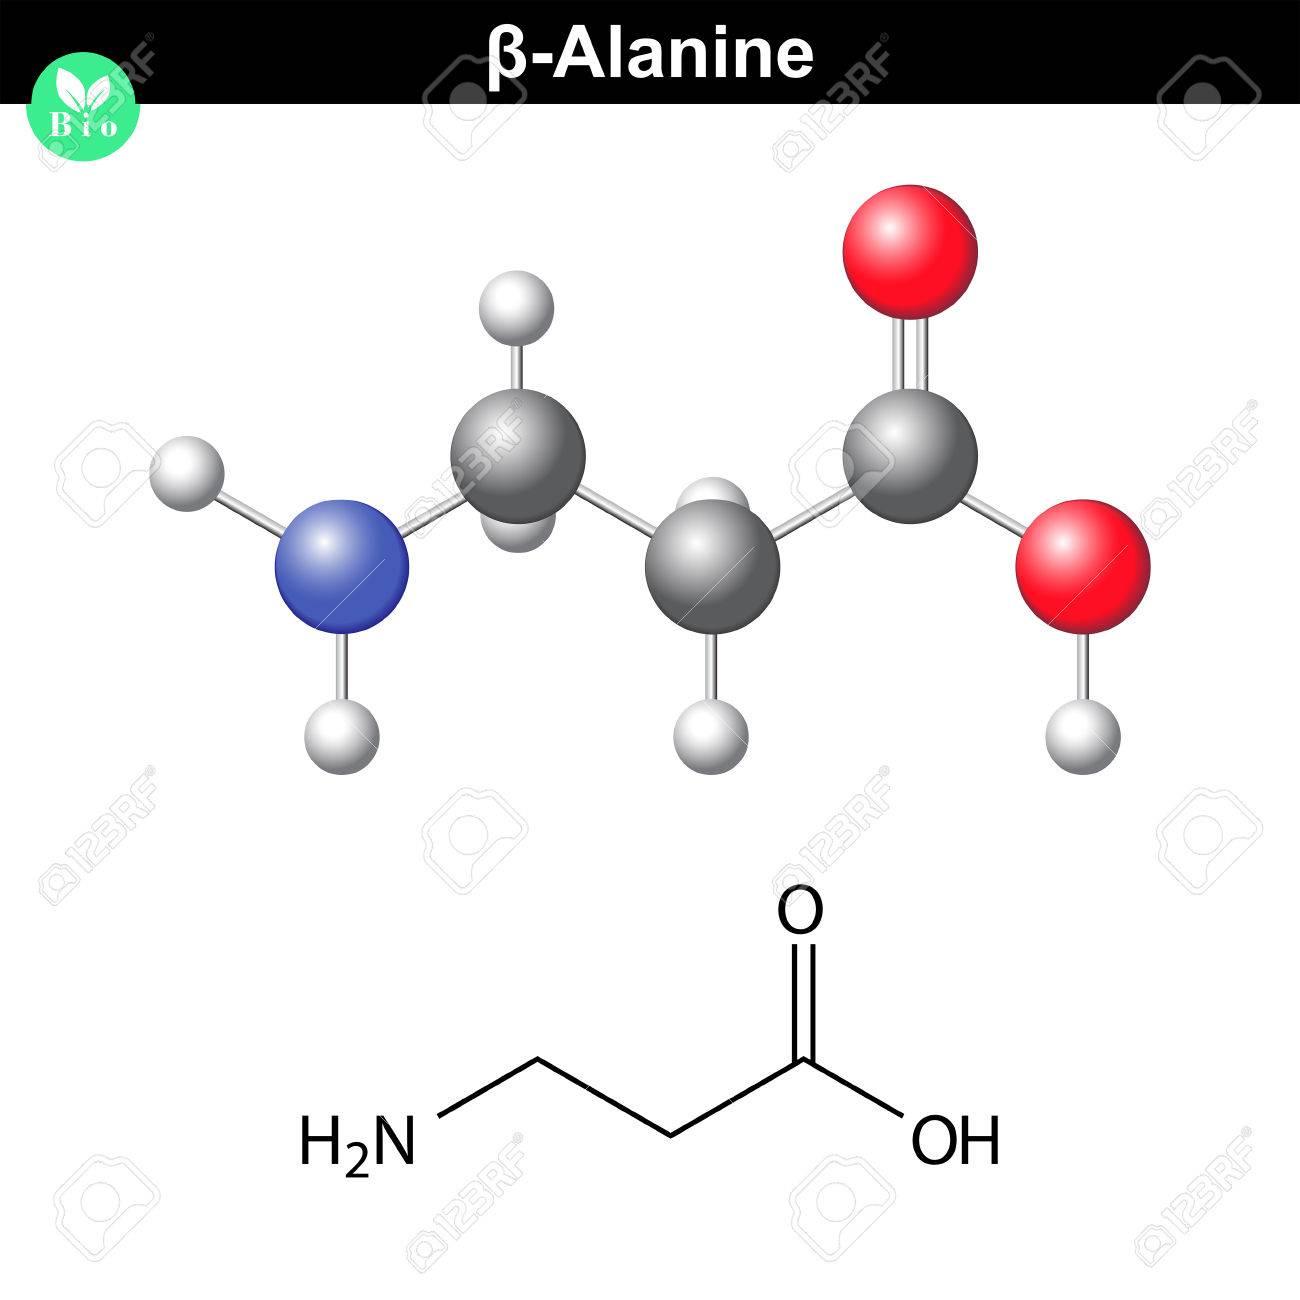 Β-アラニン分子構造、構造化学式...